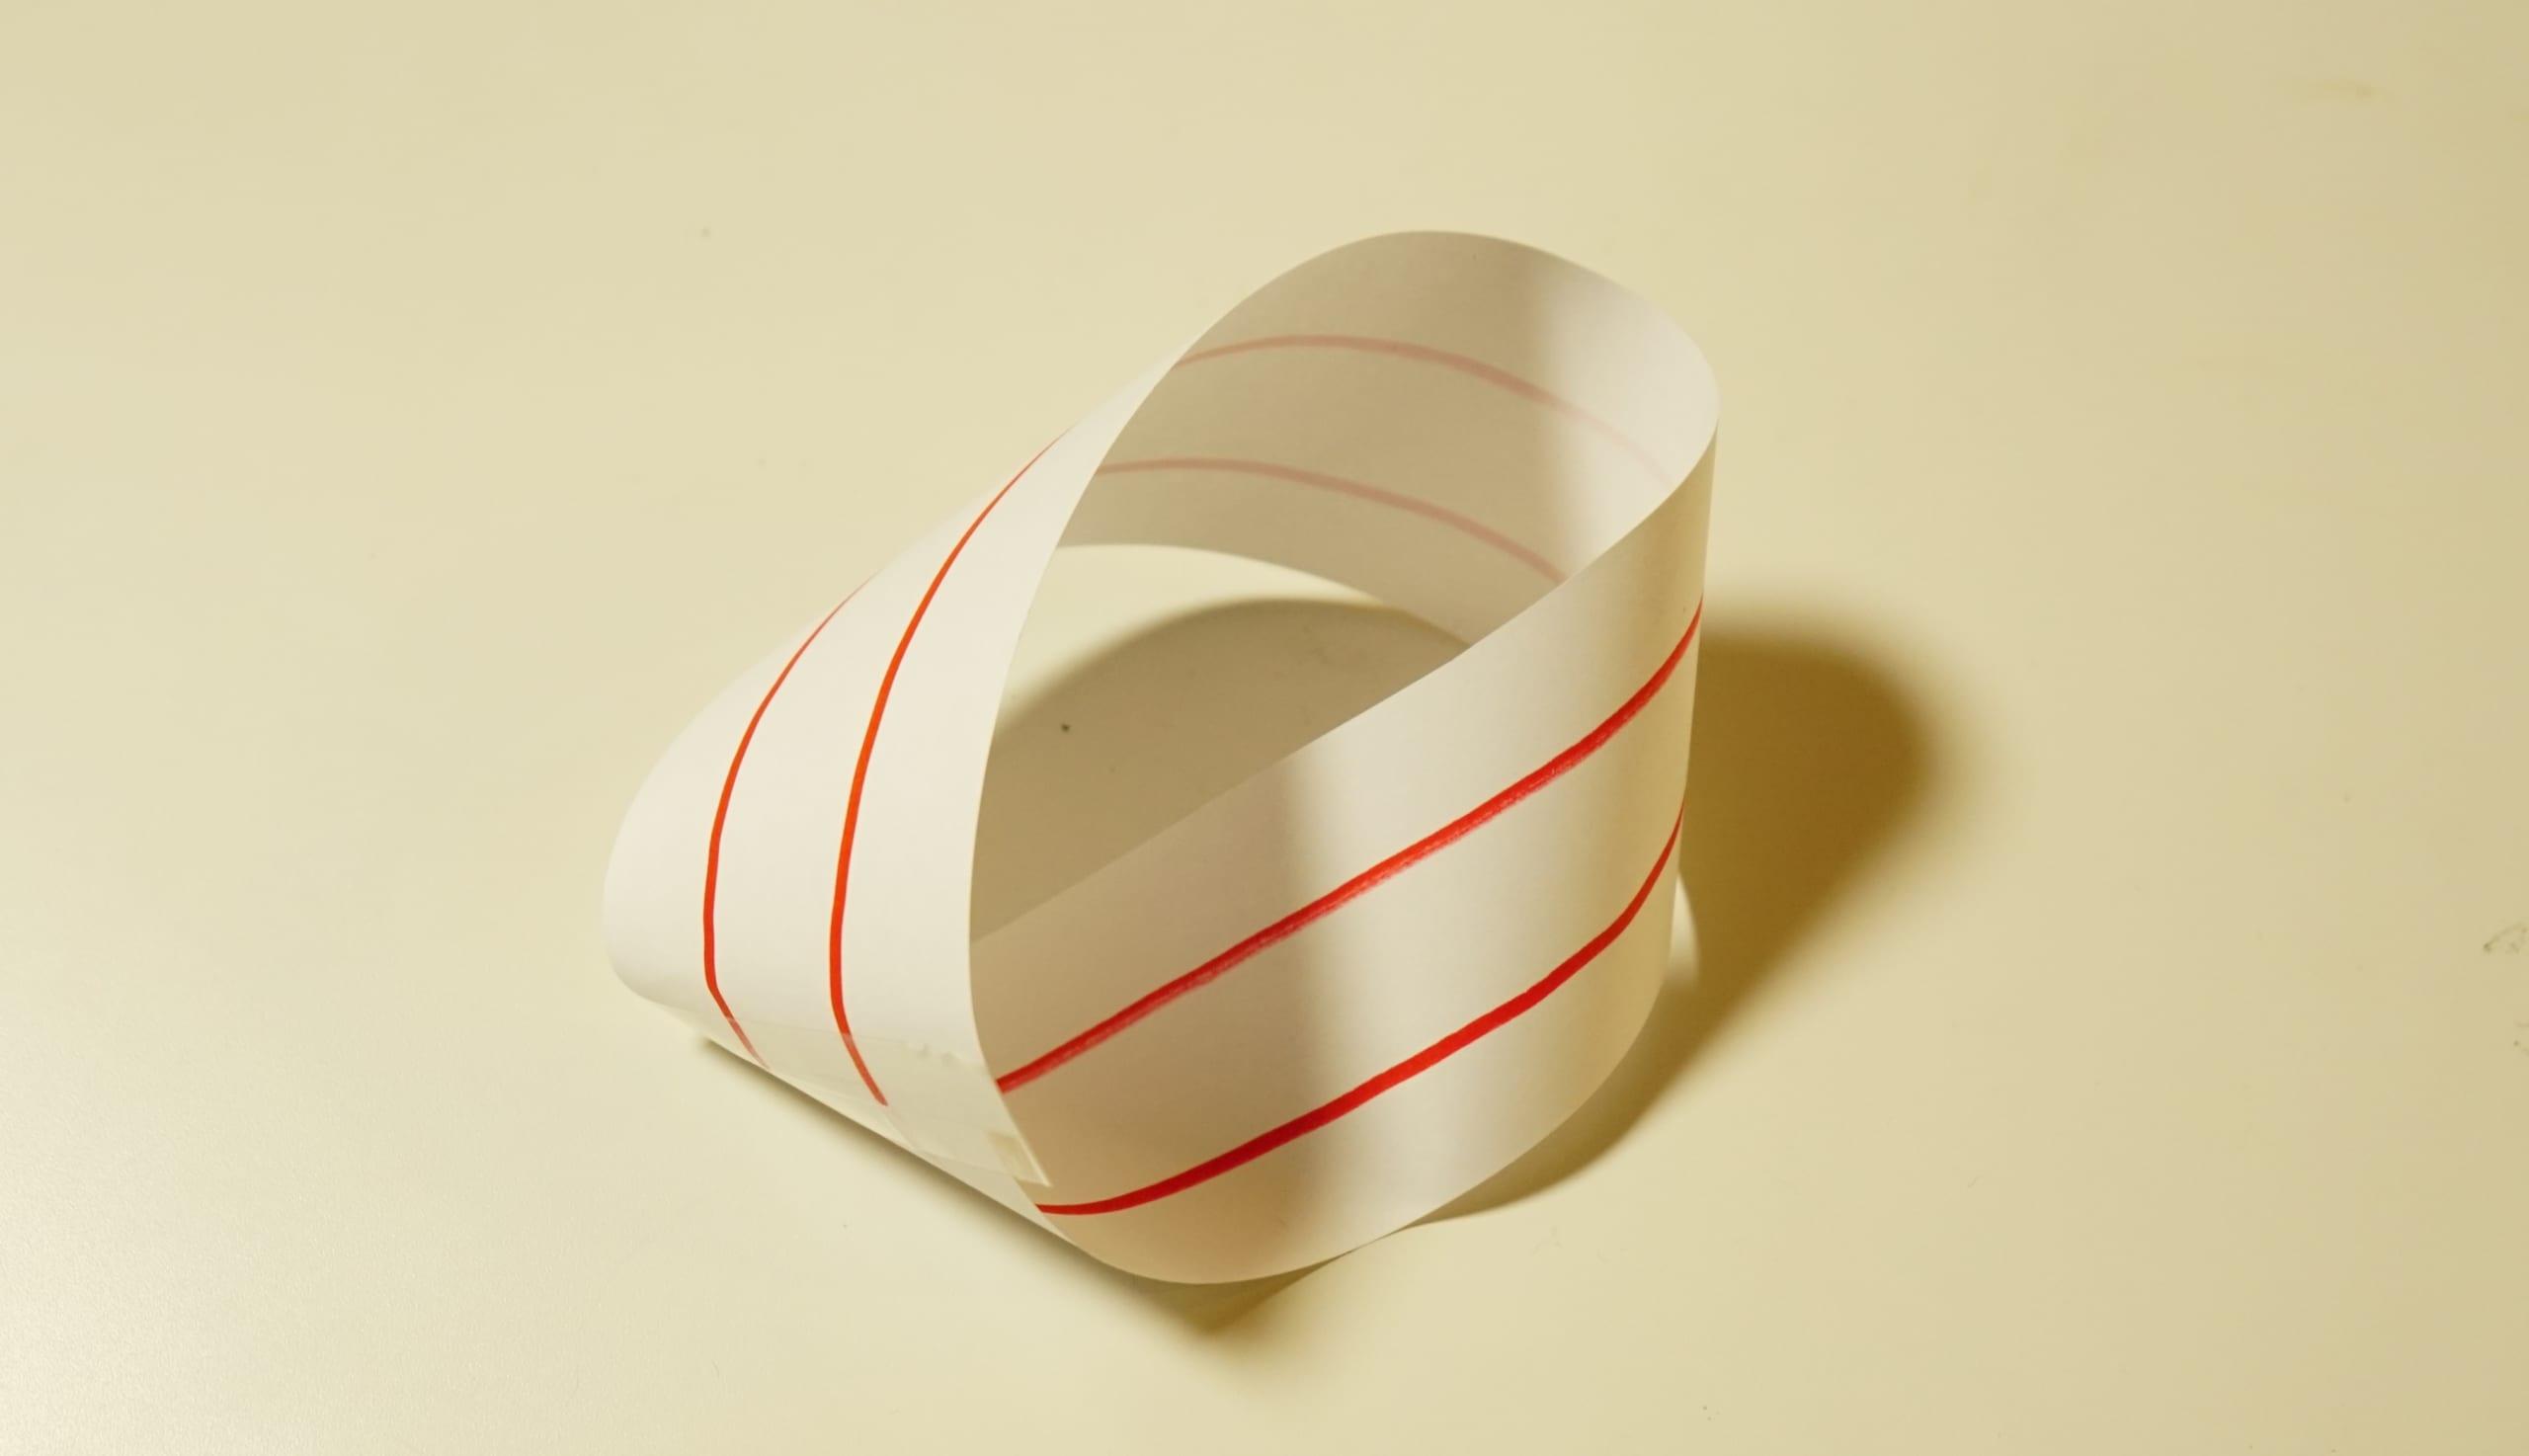 予想外。メビウスの輪に2本線を入れて切ったらどうなるの?実際にやってみた!の画像 7/12